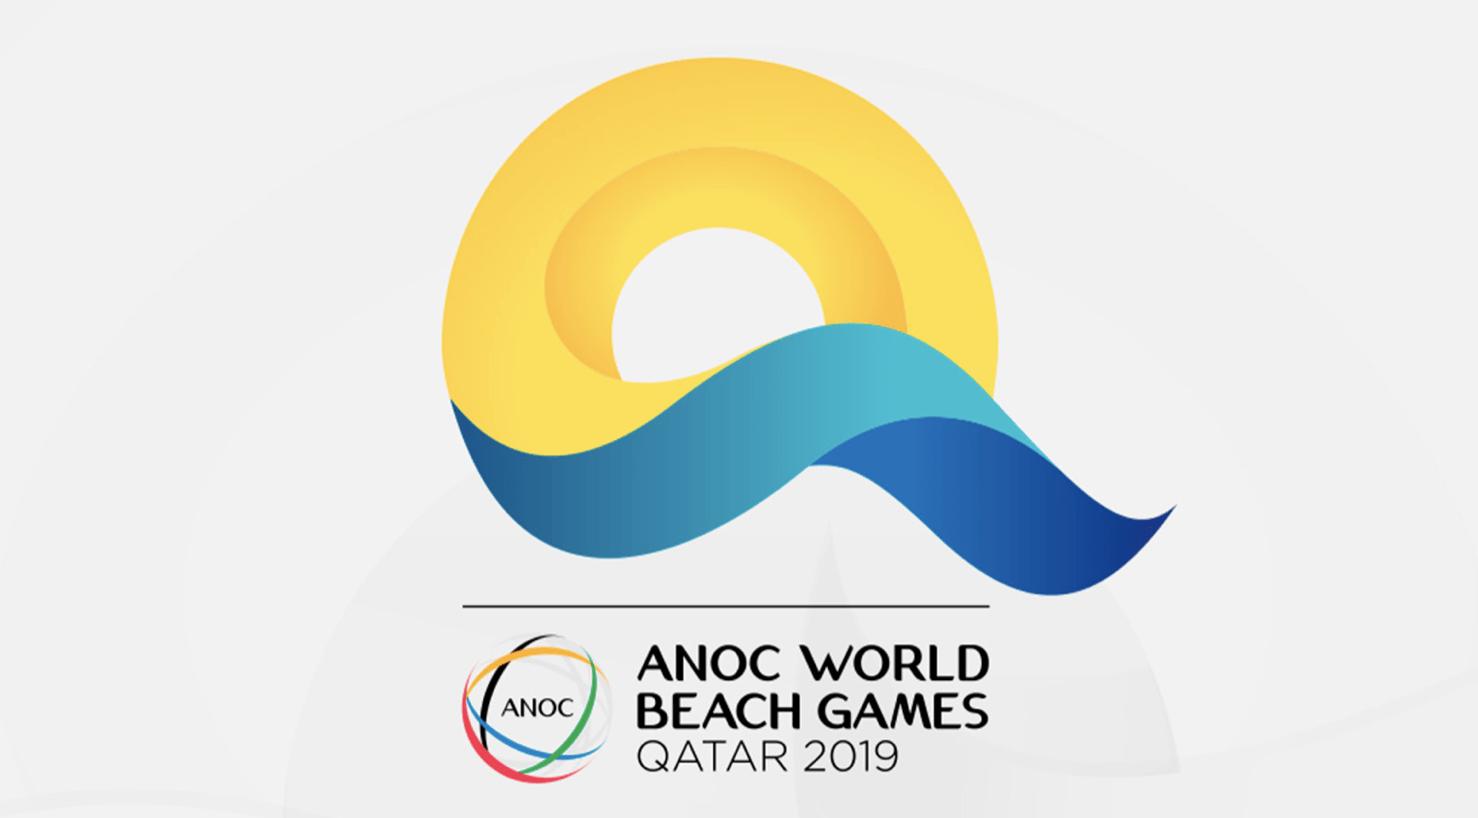 Juegos Mundiales de Playa 2019